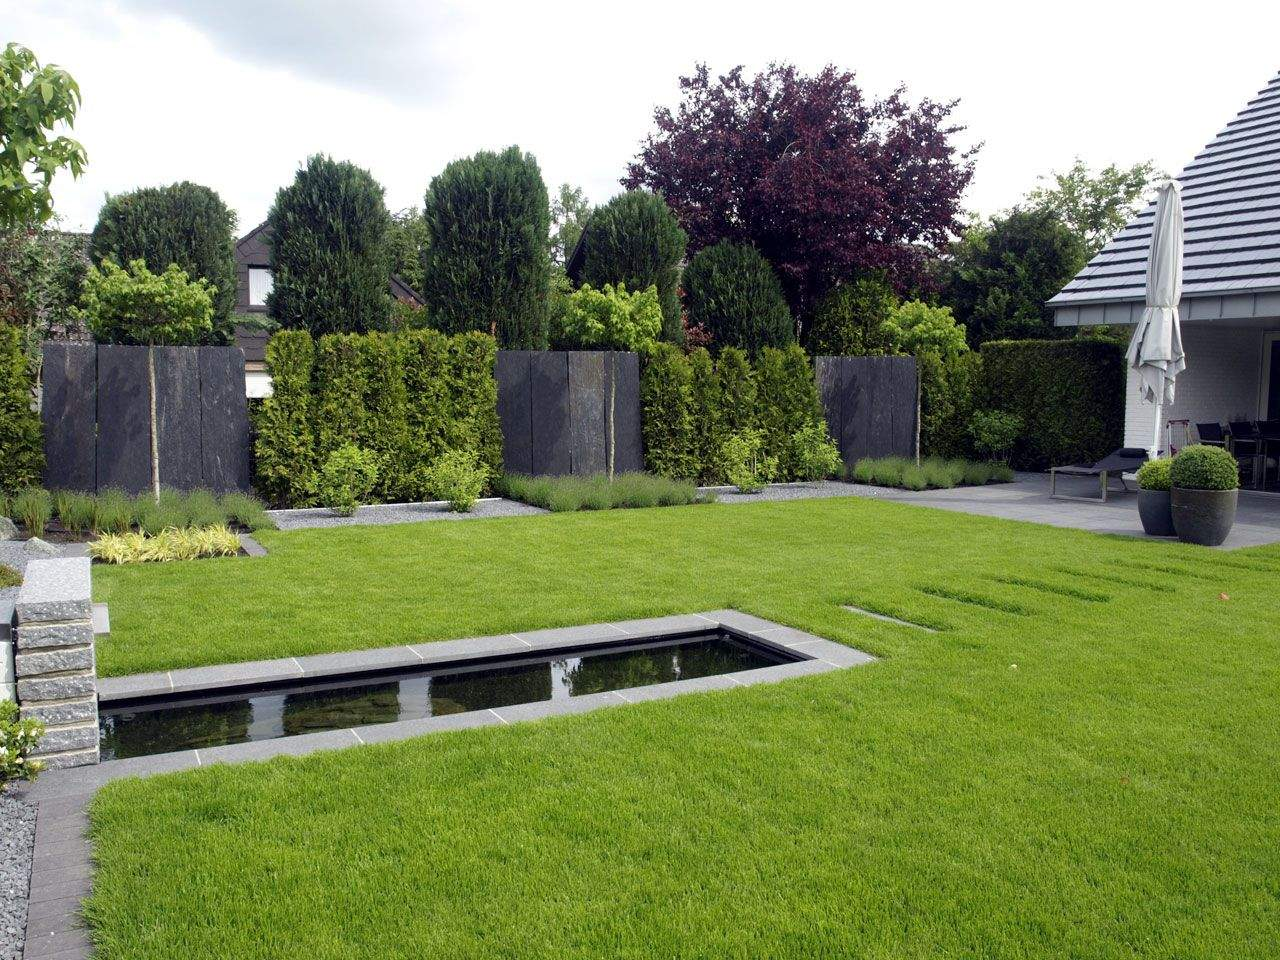 Wasser Im Garten Inspirierend Gärten Geradlinig Gestaltet